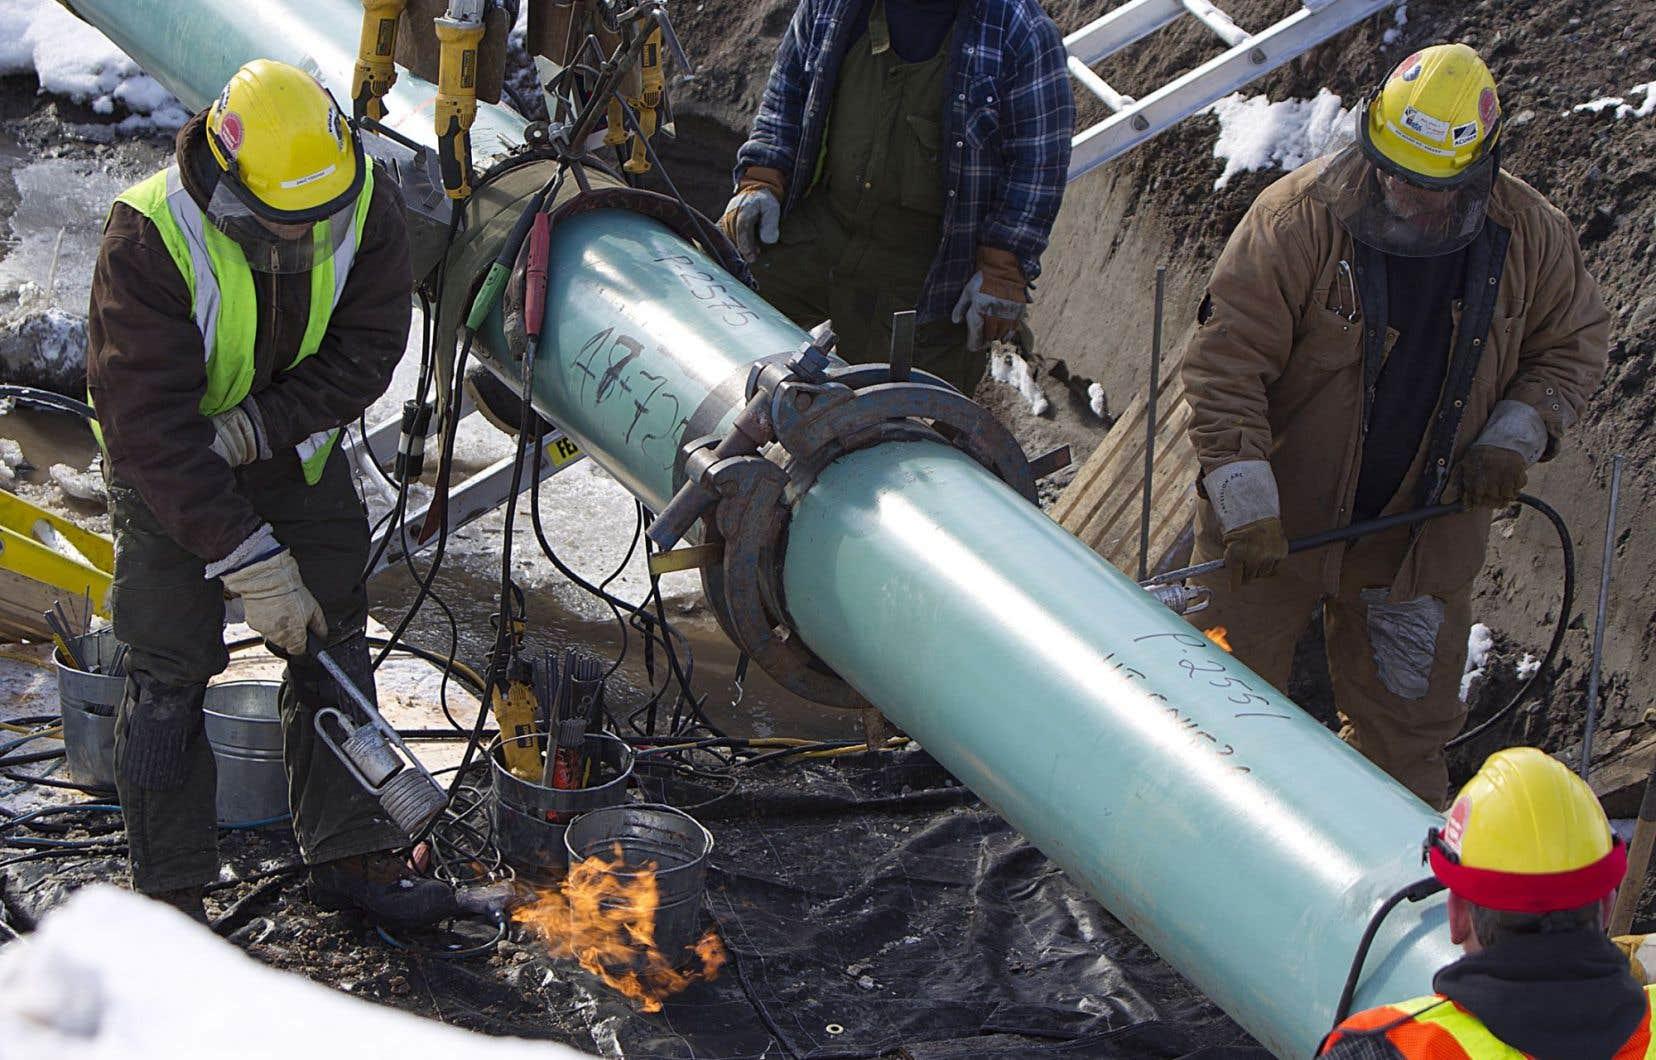 Les tuyaux d'hydrocarbures qui traversent le fleuve en périphérie du lac des Deux-Montagnes constituent un circuit empoisonné à proximité et en amont des prises d'eau de la grande région de Montréal.